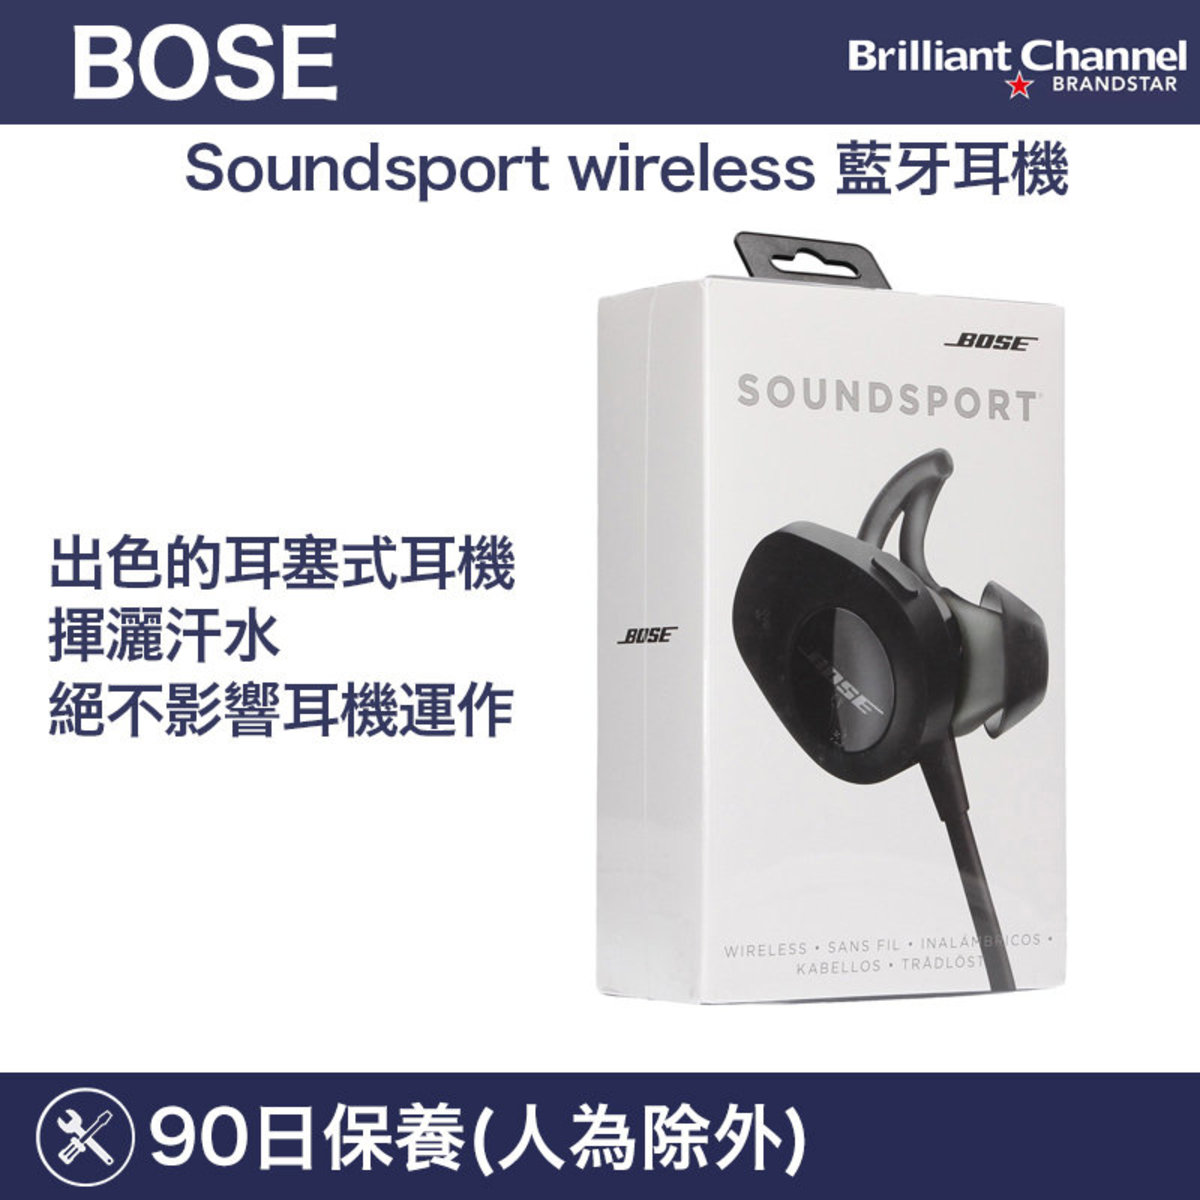 SoundSport wireless headphones (Black) (Parallel Import)